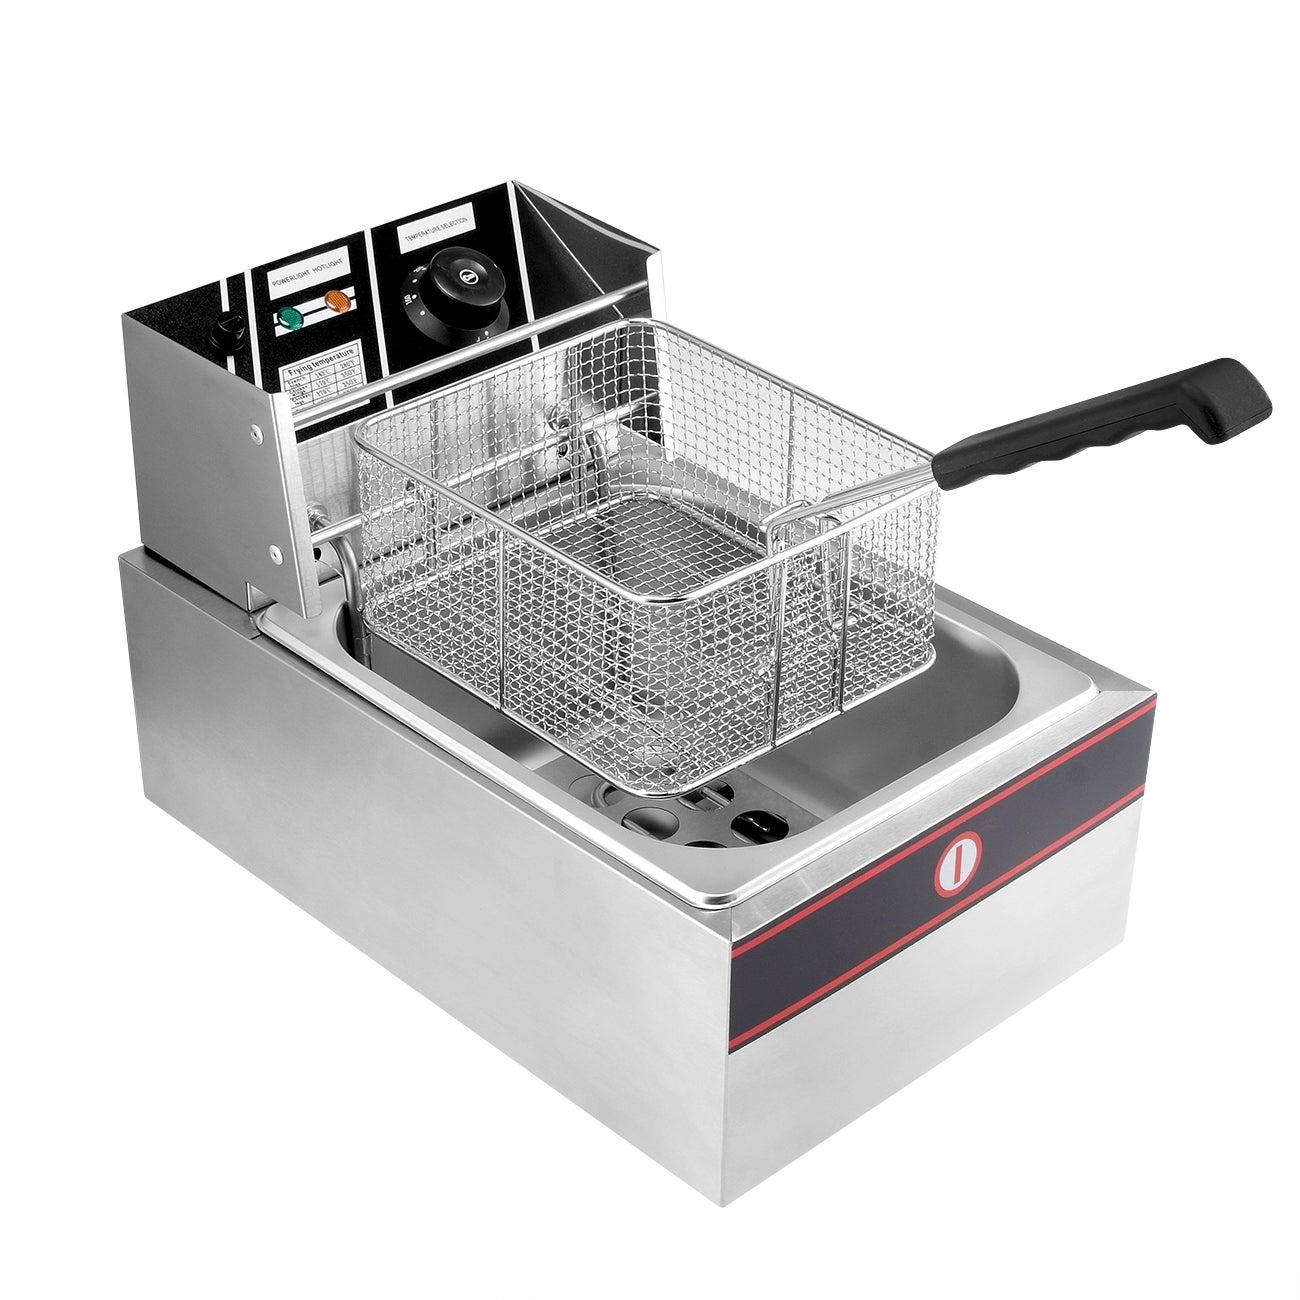 Arksen 2500w 6 Liter Electric Countertop Deep Fryer Adjustable Temp Overstock 15912099